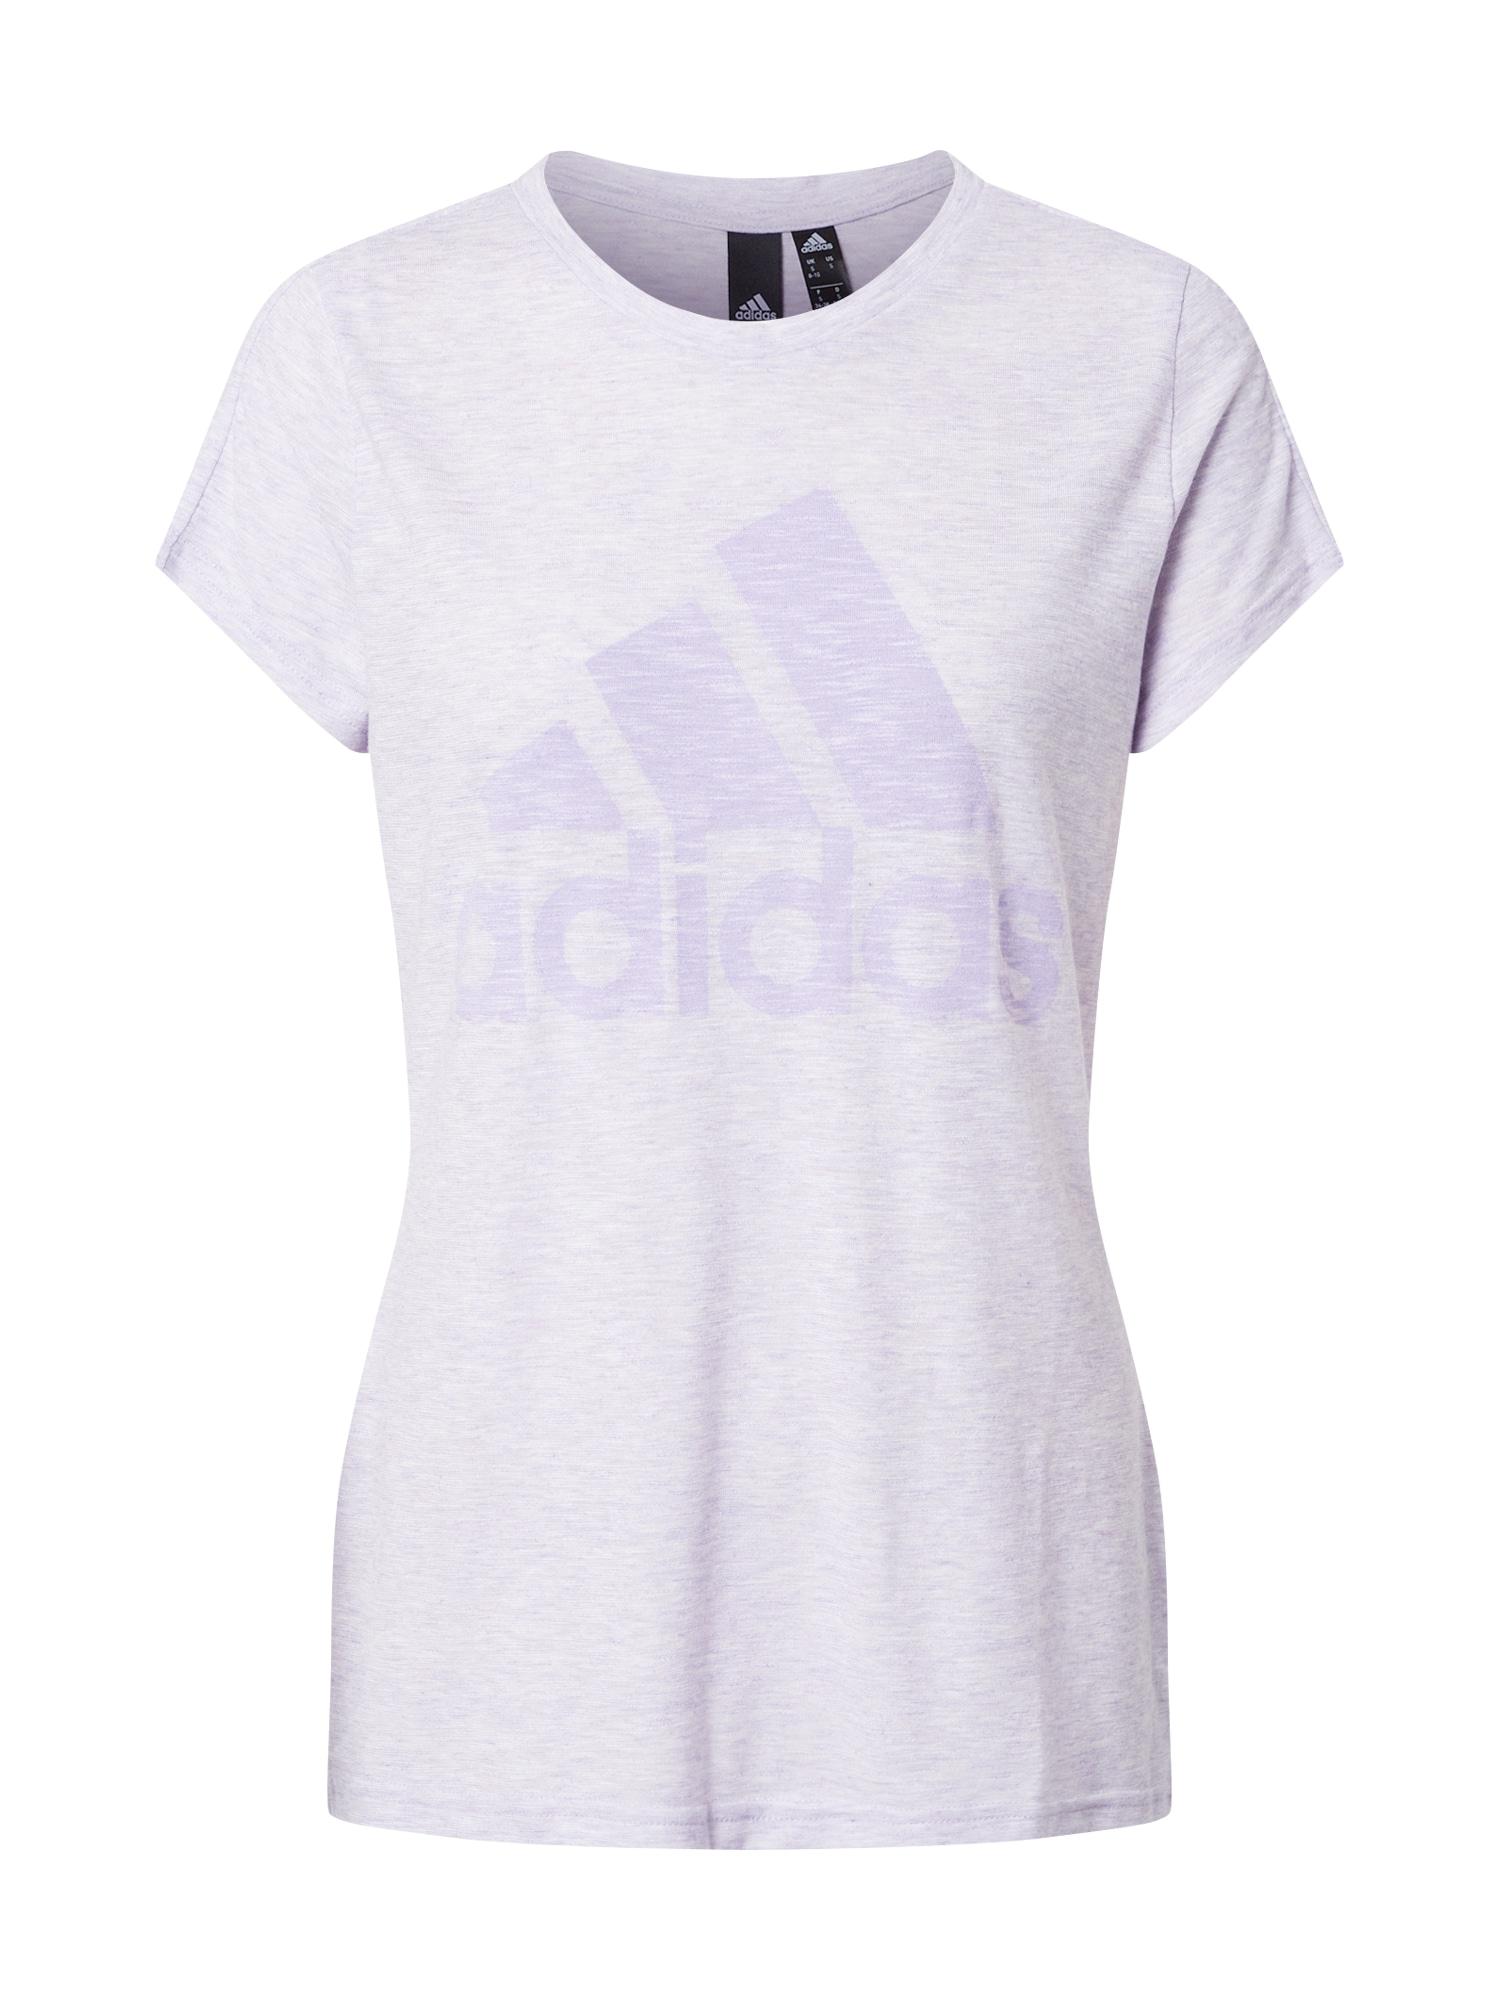 ADIDAS PERFORMANCE Funkčné tričko 'Winners'  fialová melírovaná